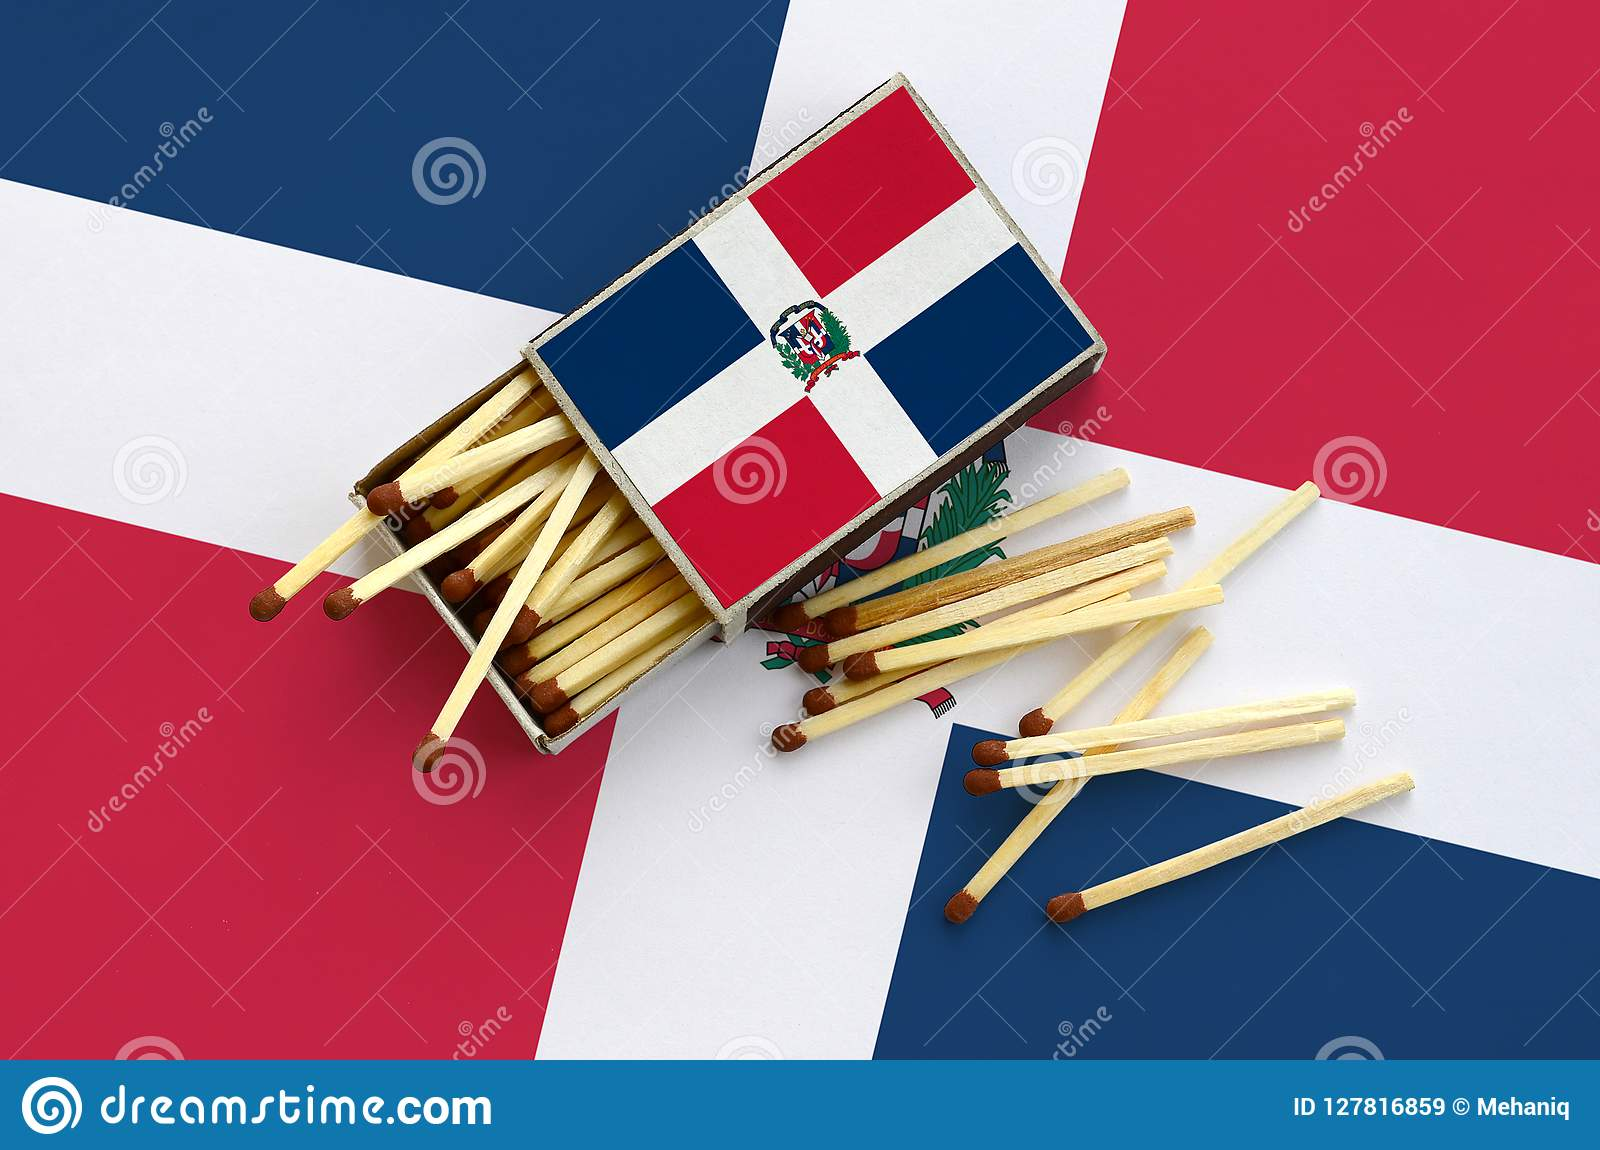 Le drapeau de la République Dominicaine est montré sur une boîte d allumettes ouverte, de laquelle plusieurs matchs tombent et de